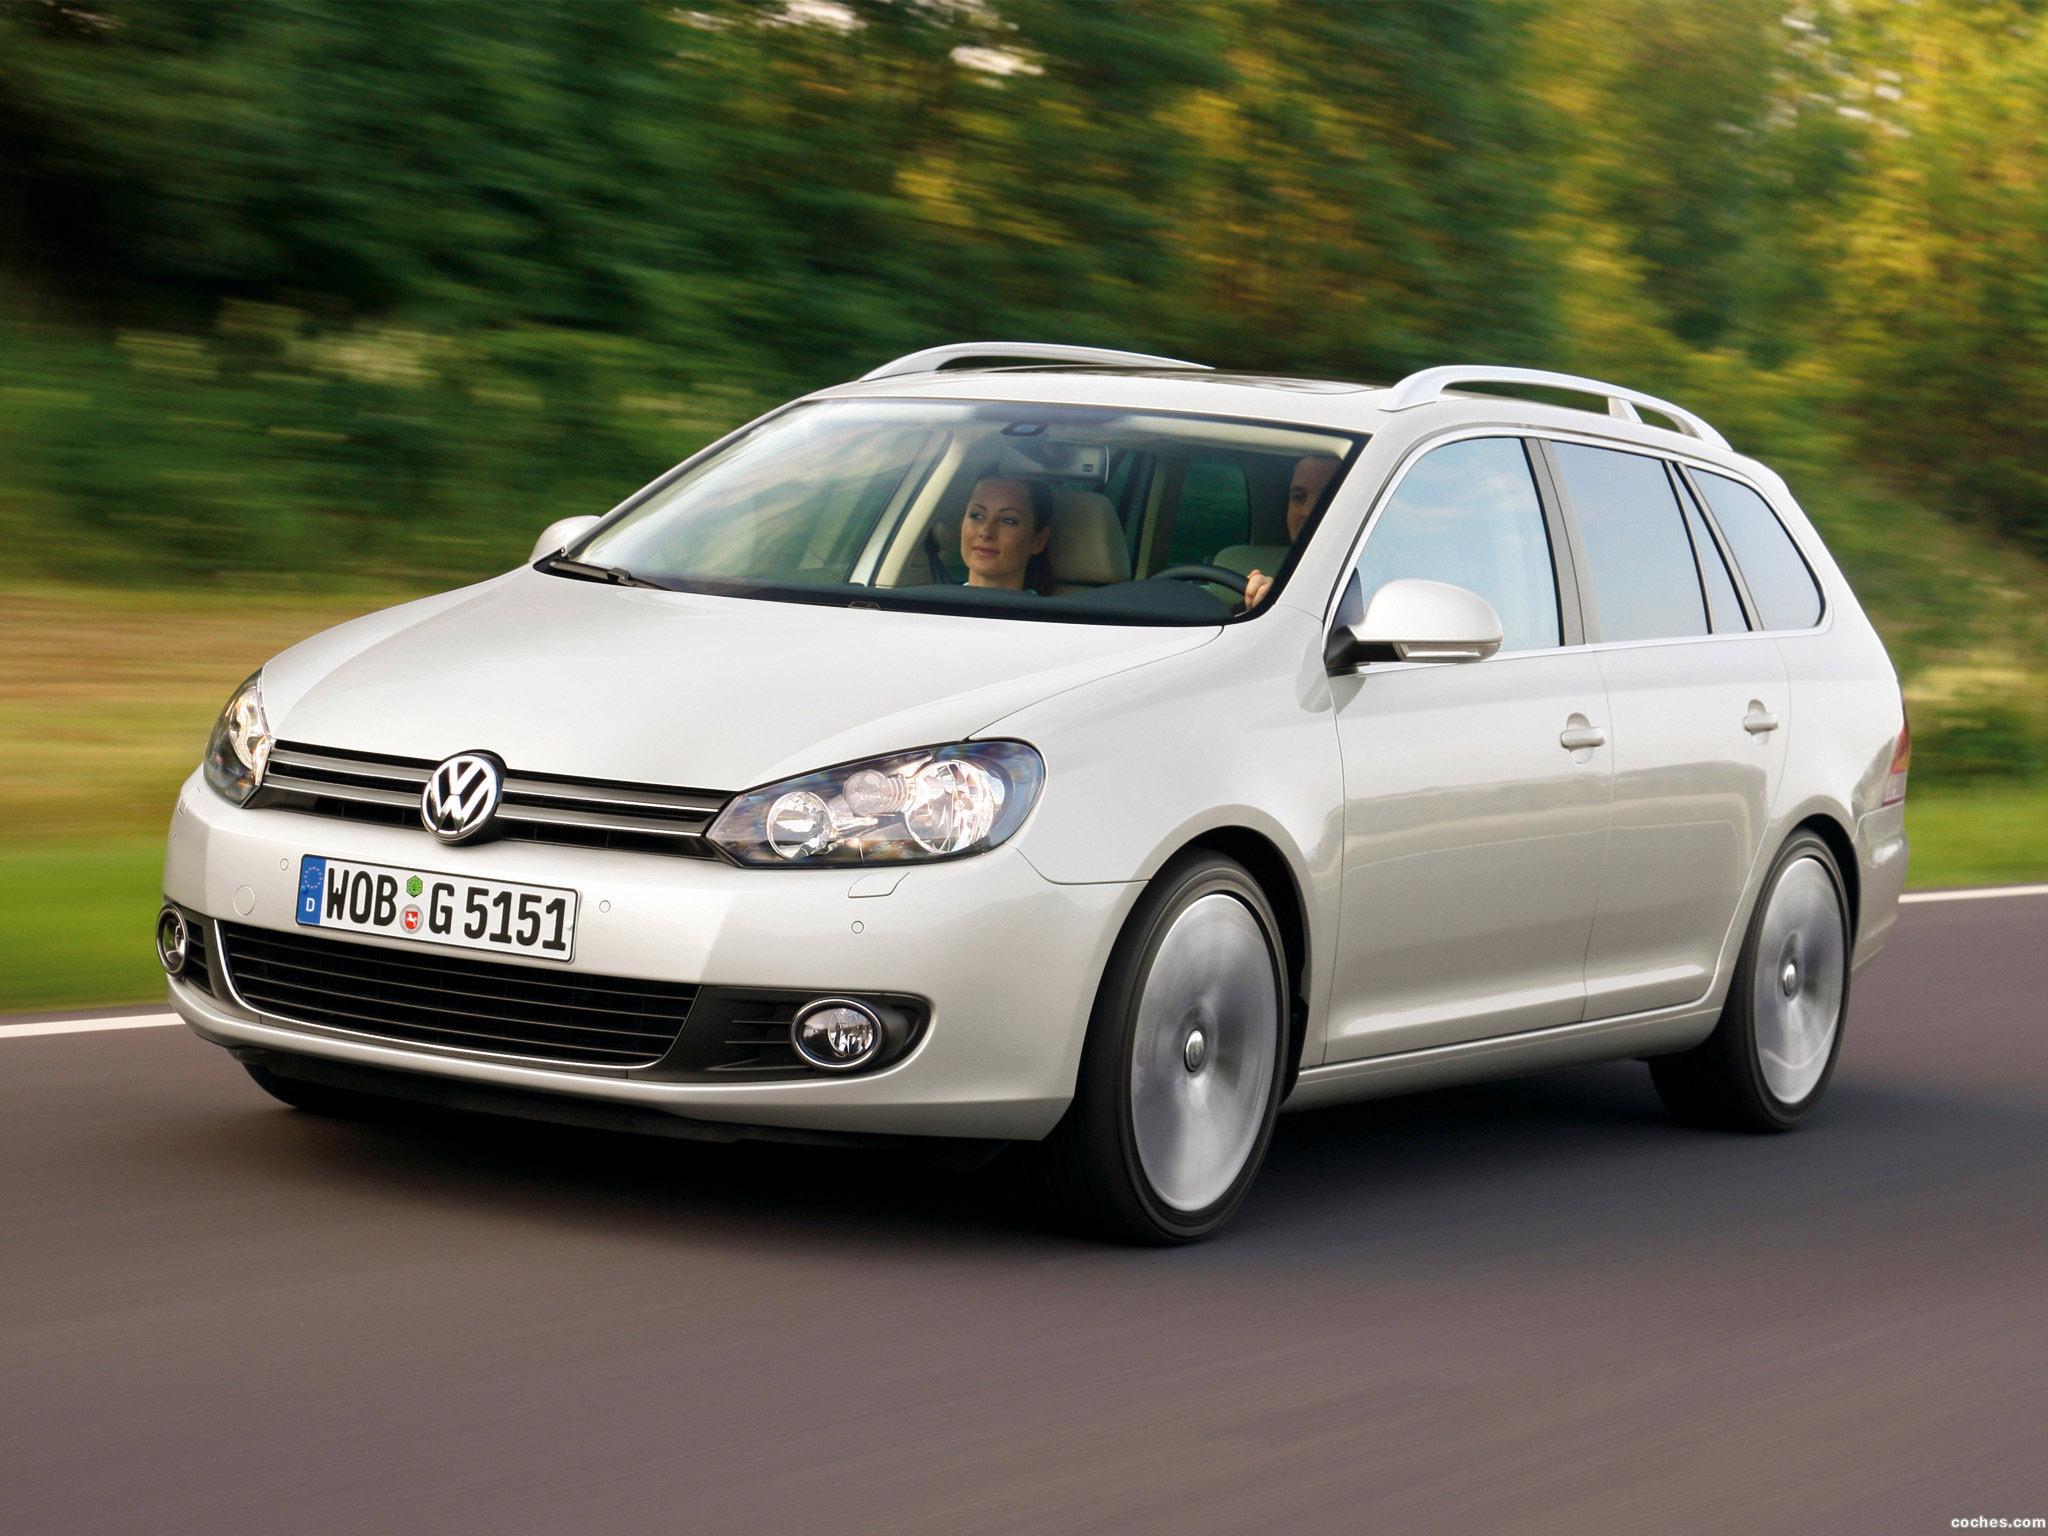 Foto 0 de Volkswagen Golf VI Variant 2009